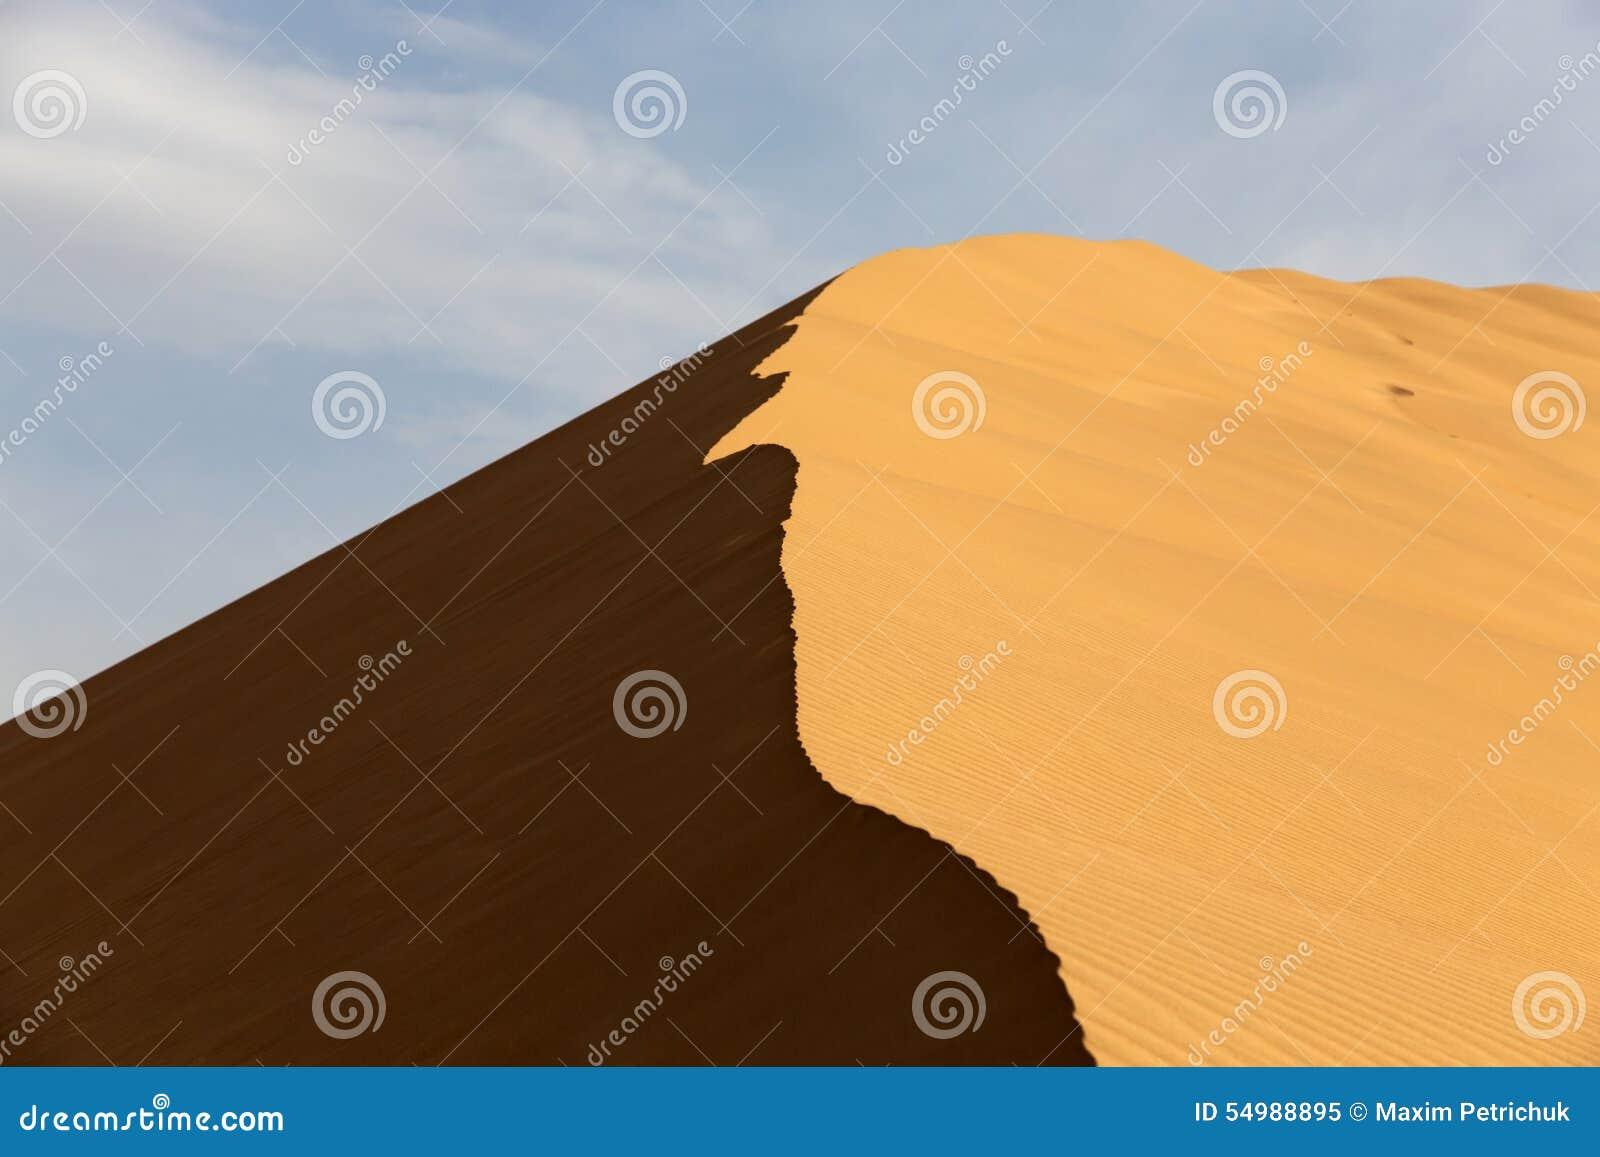 δυναμική υψηλή άμμος σειράς αμμόλοφων